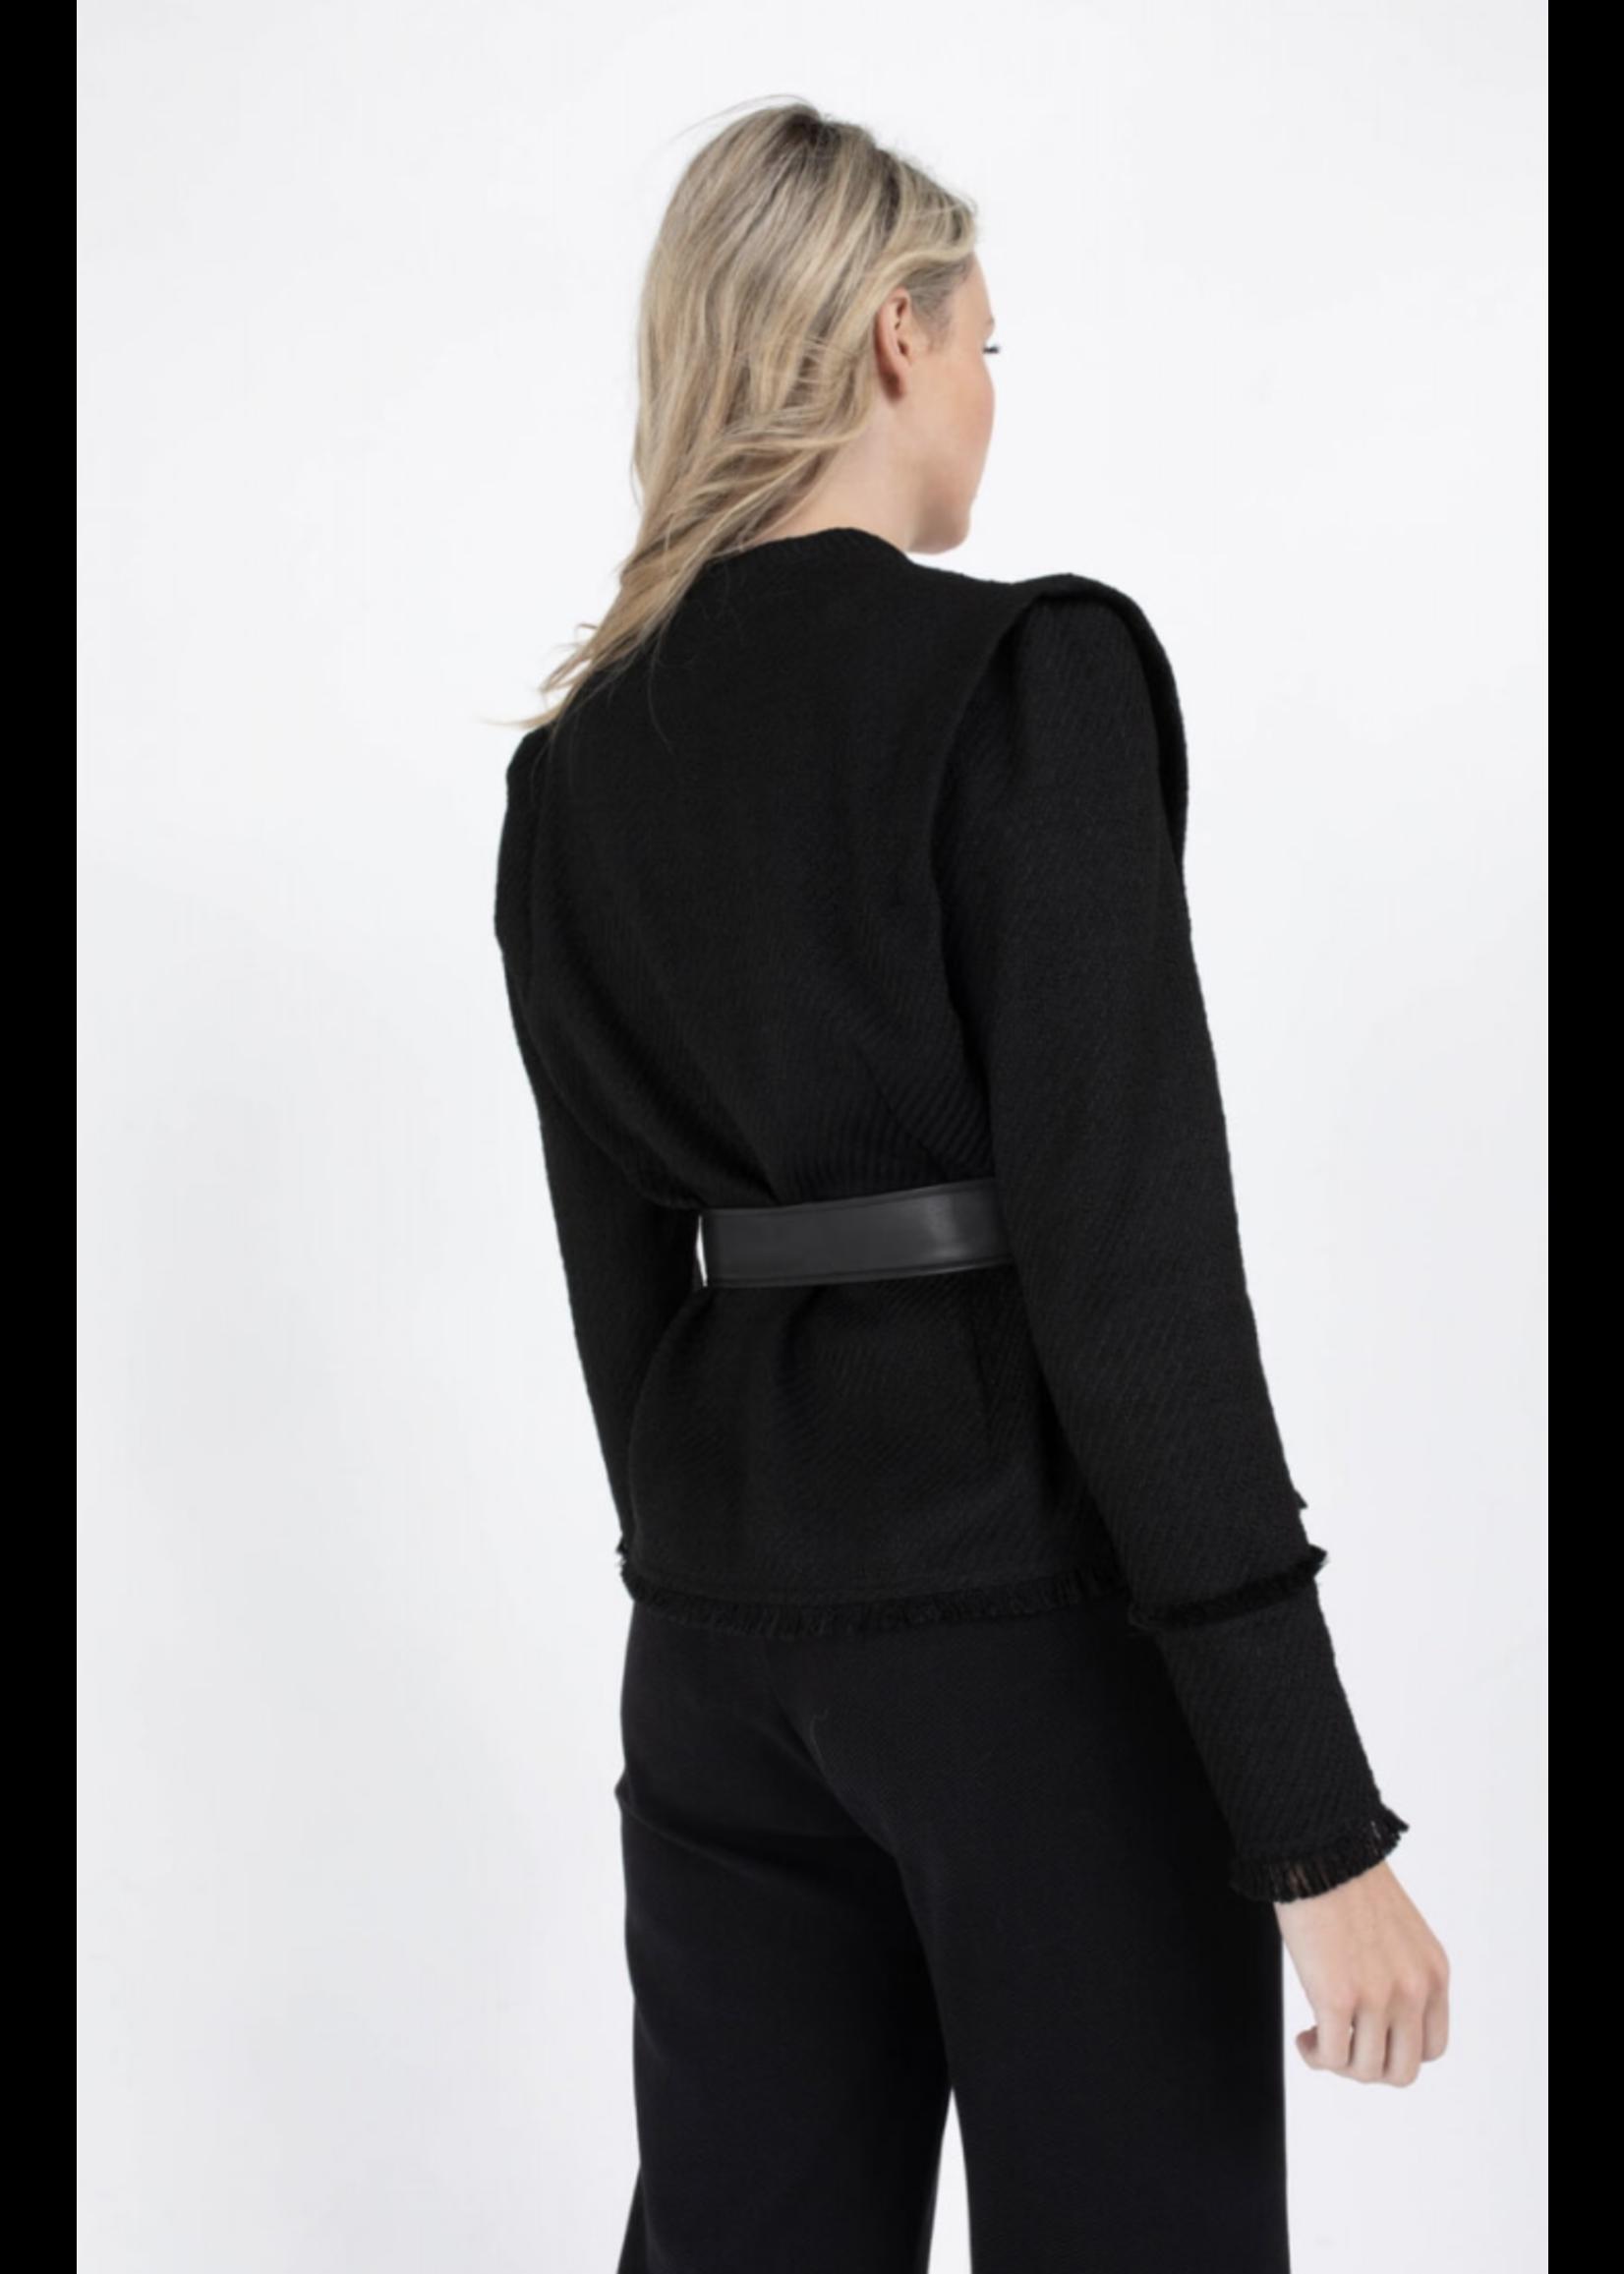 Anna Blazer Black Solid